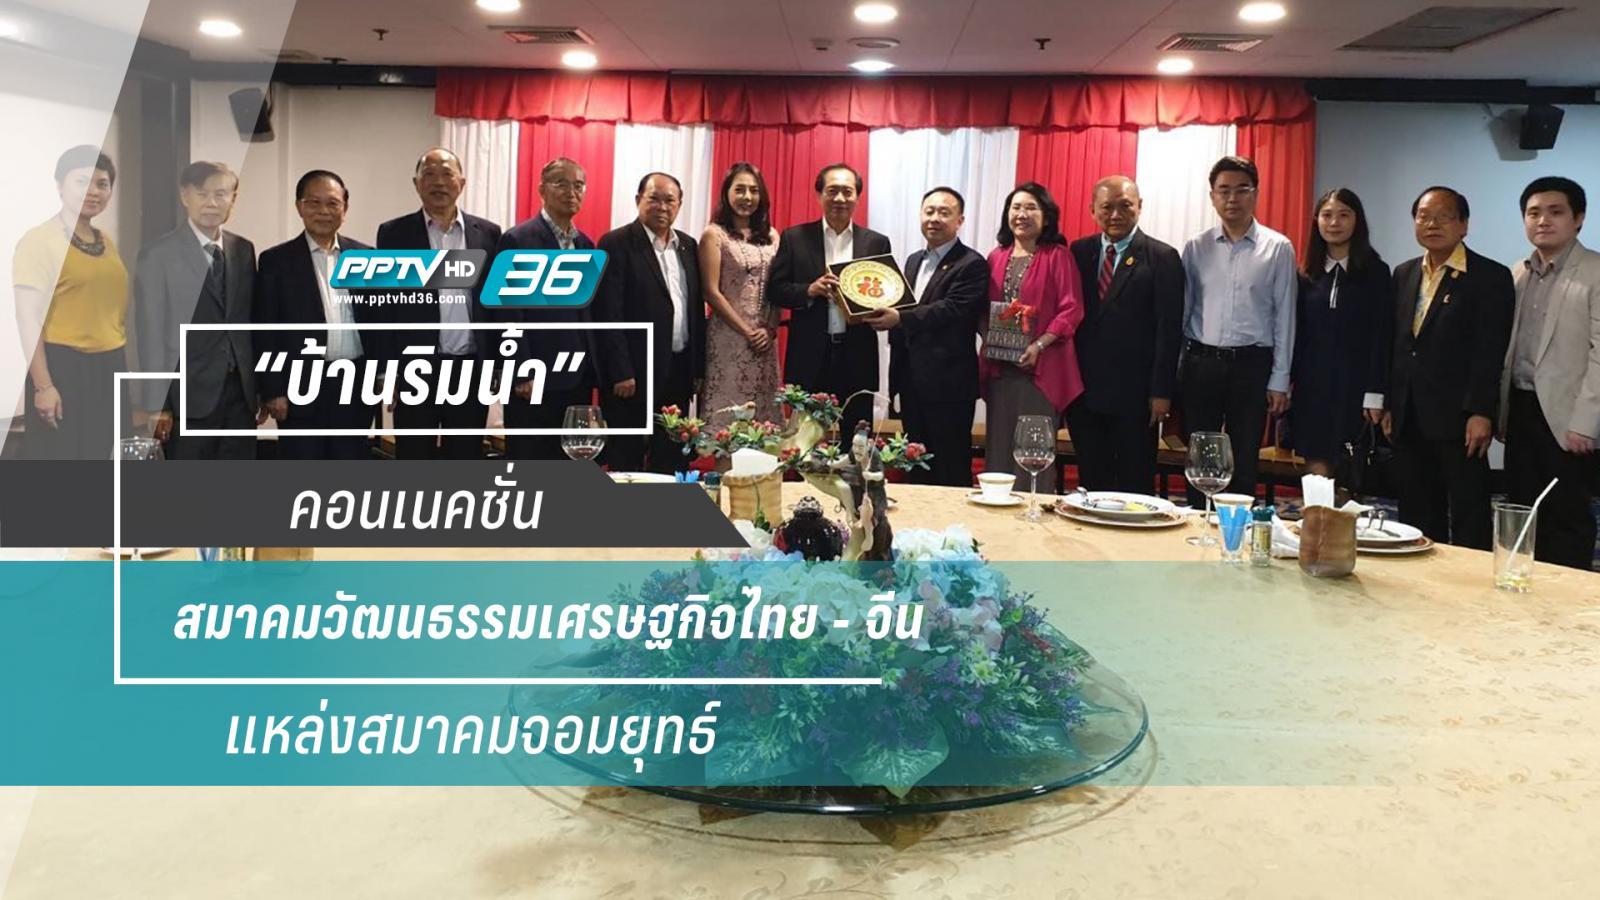 """""""สุชาติ ตันเจริญ"""" คอนเนคชั่น สมาคมวัฒนธรรมเศรษฐกิจไทย – จีน  แหล่งสมาคมจอมยุทธ์"""